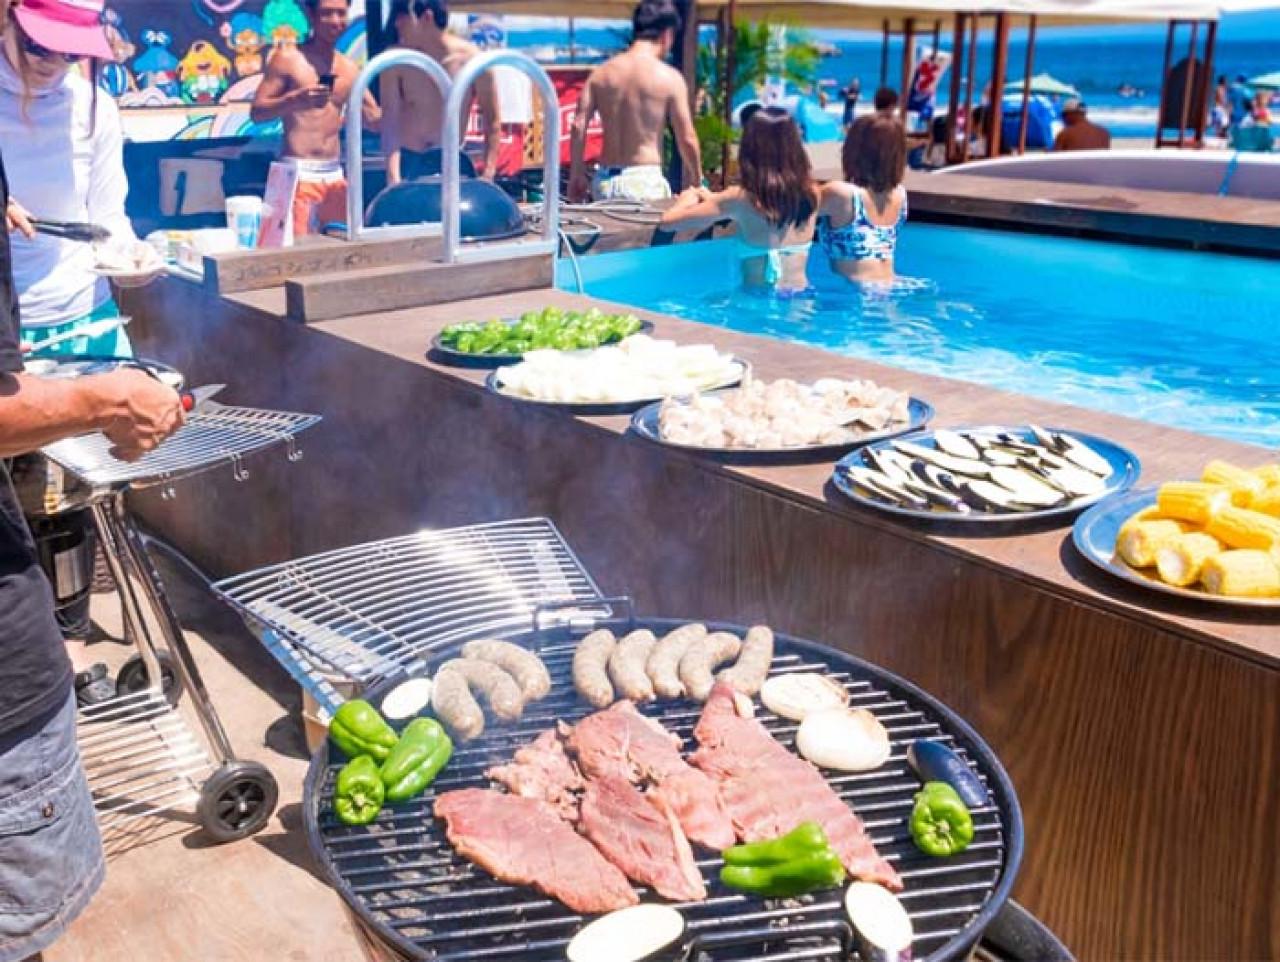 湘南江の島海岸海の家ちょっとヨットビーチハウス江ノ島BBQ(バーベキュー)コート by SHO's Bar